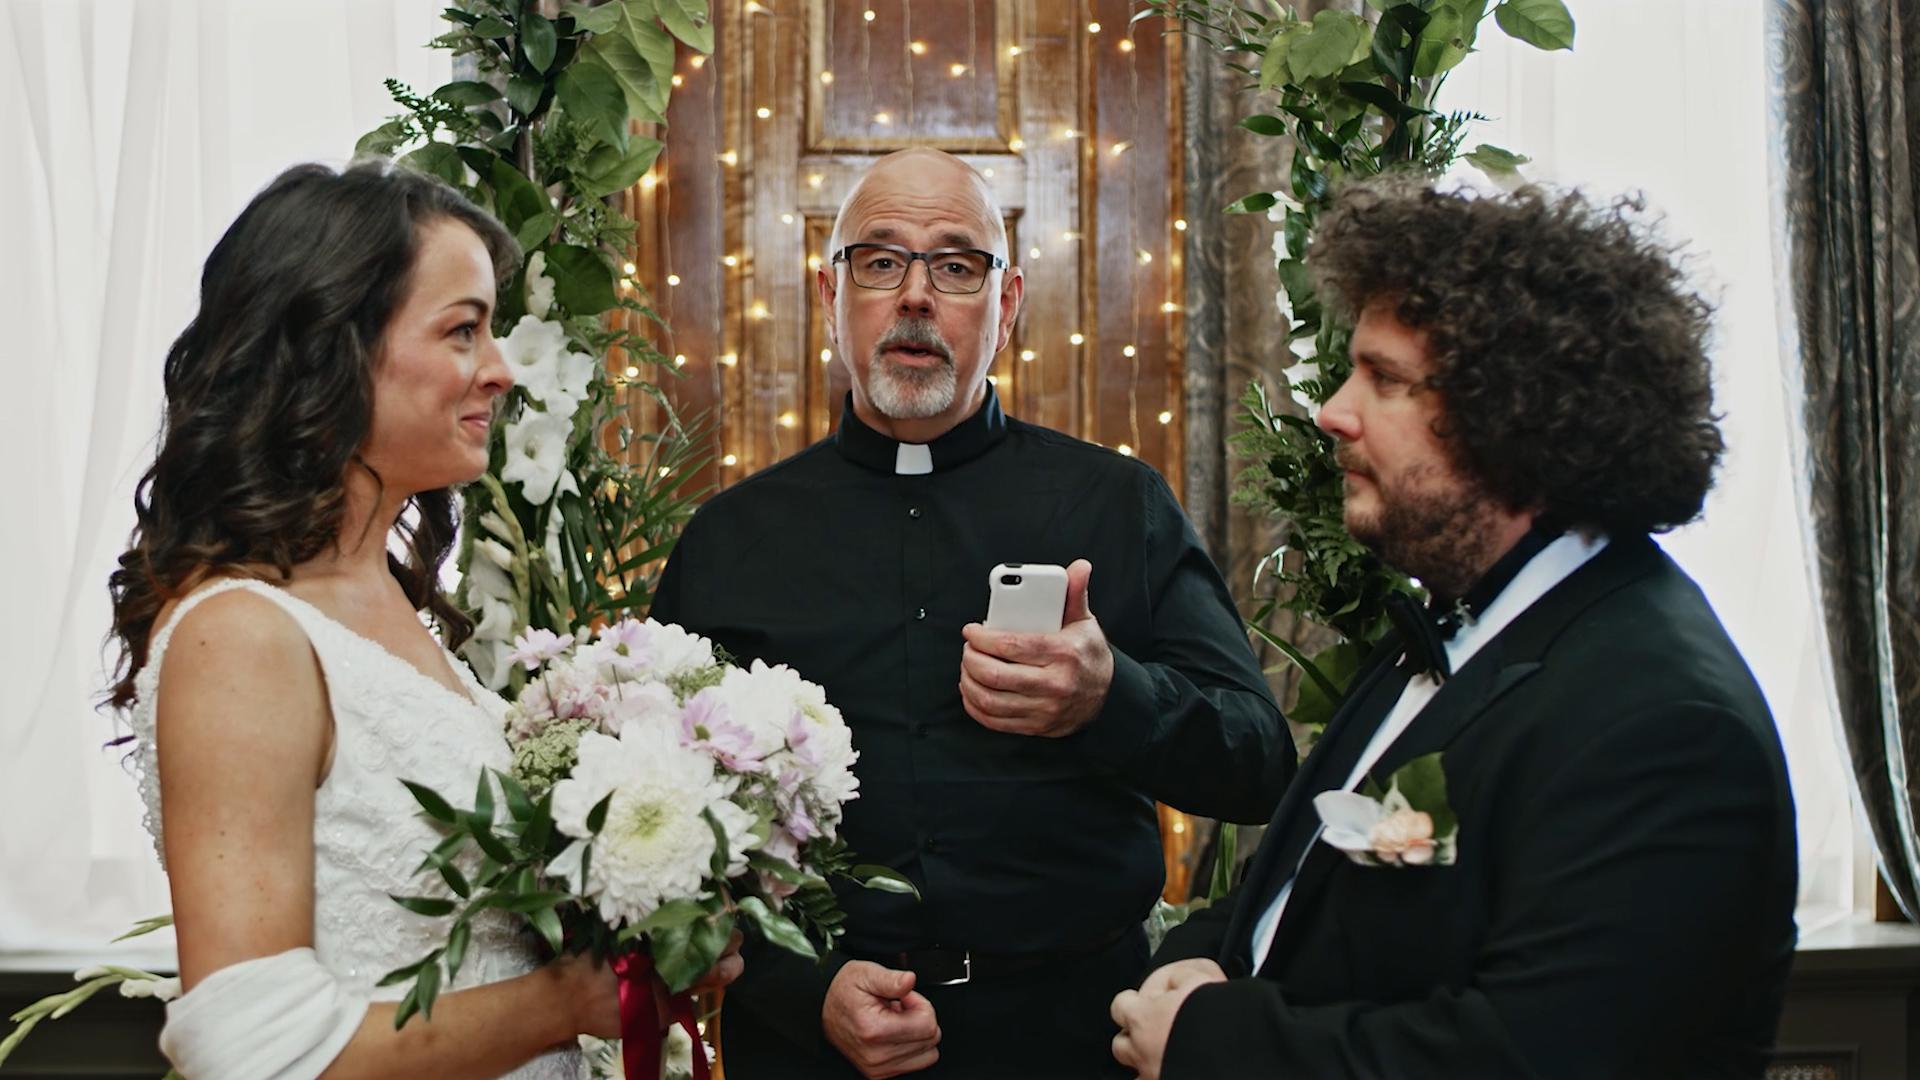 Jewlr.com - Wedding - Director's Cut.00_00_19_14.Still005.jpg